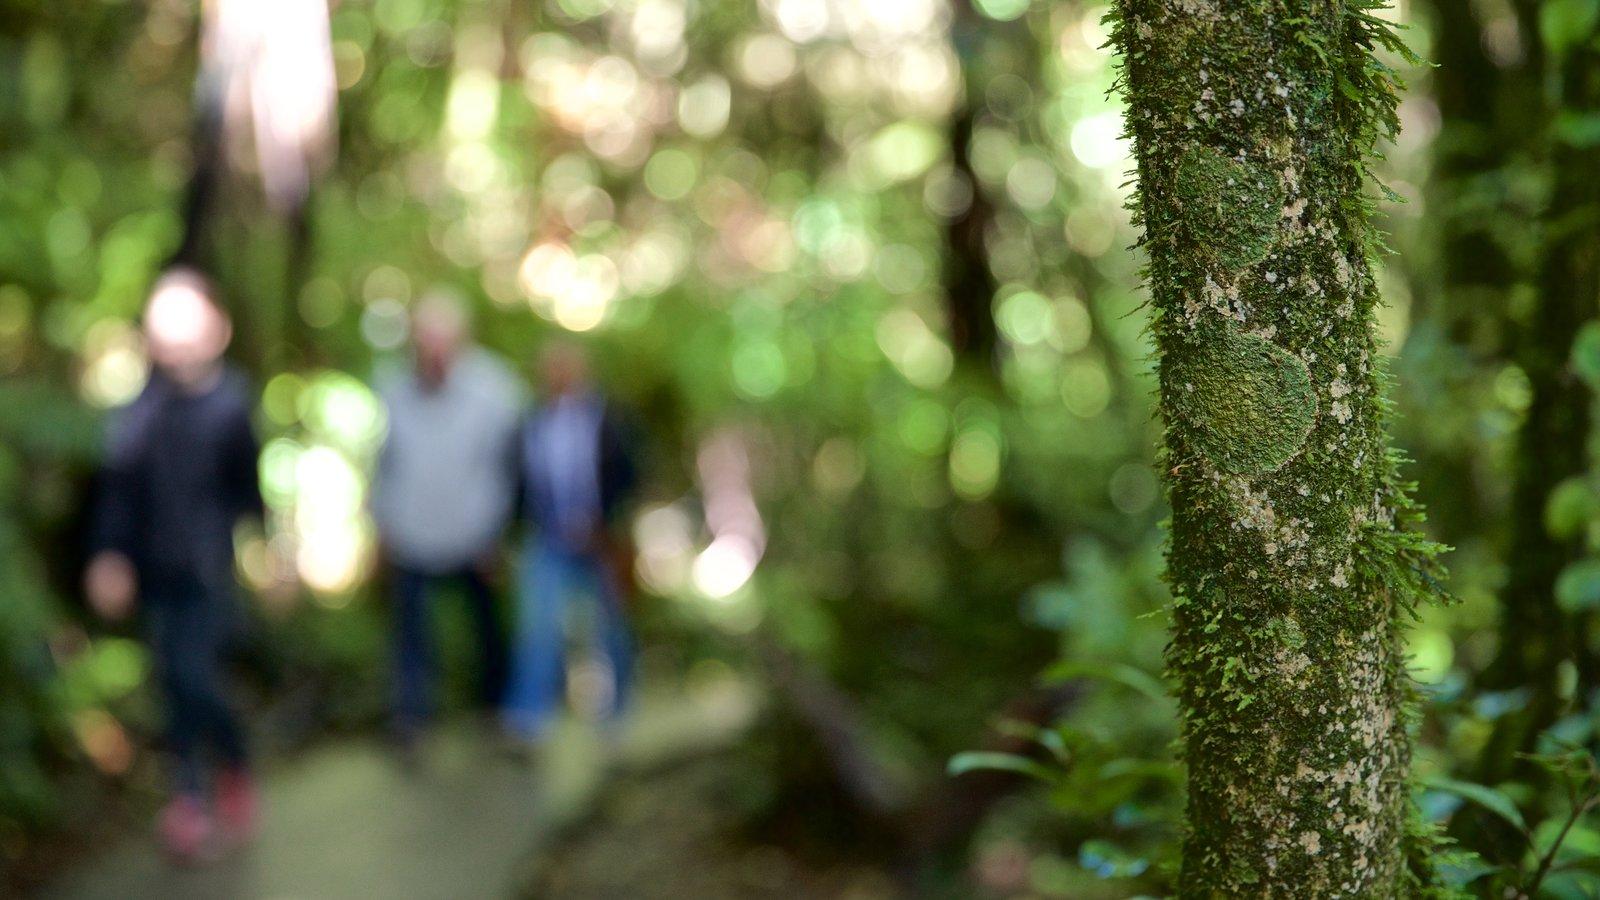 Waitomo Glowworm Caves caracterizando cenas de floresta